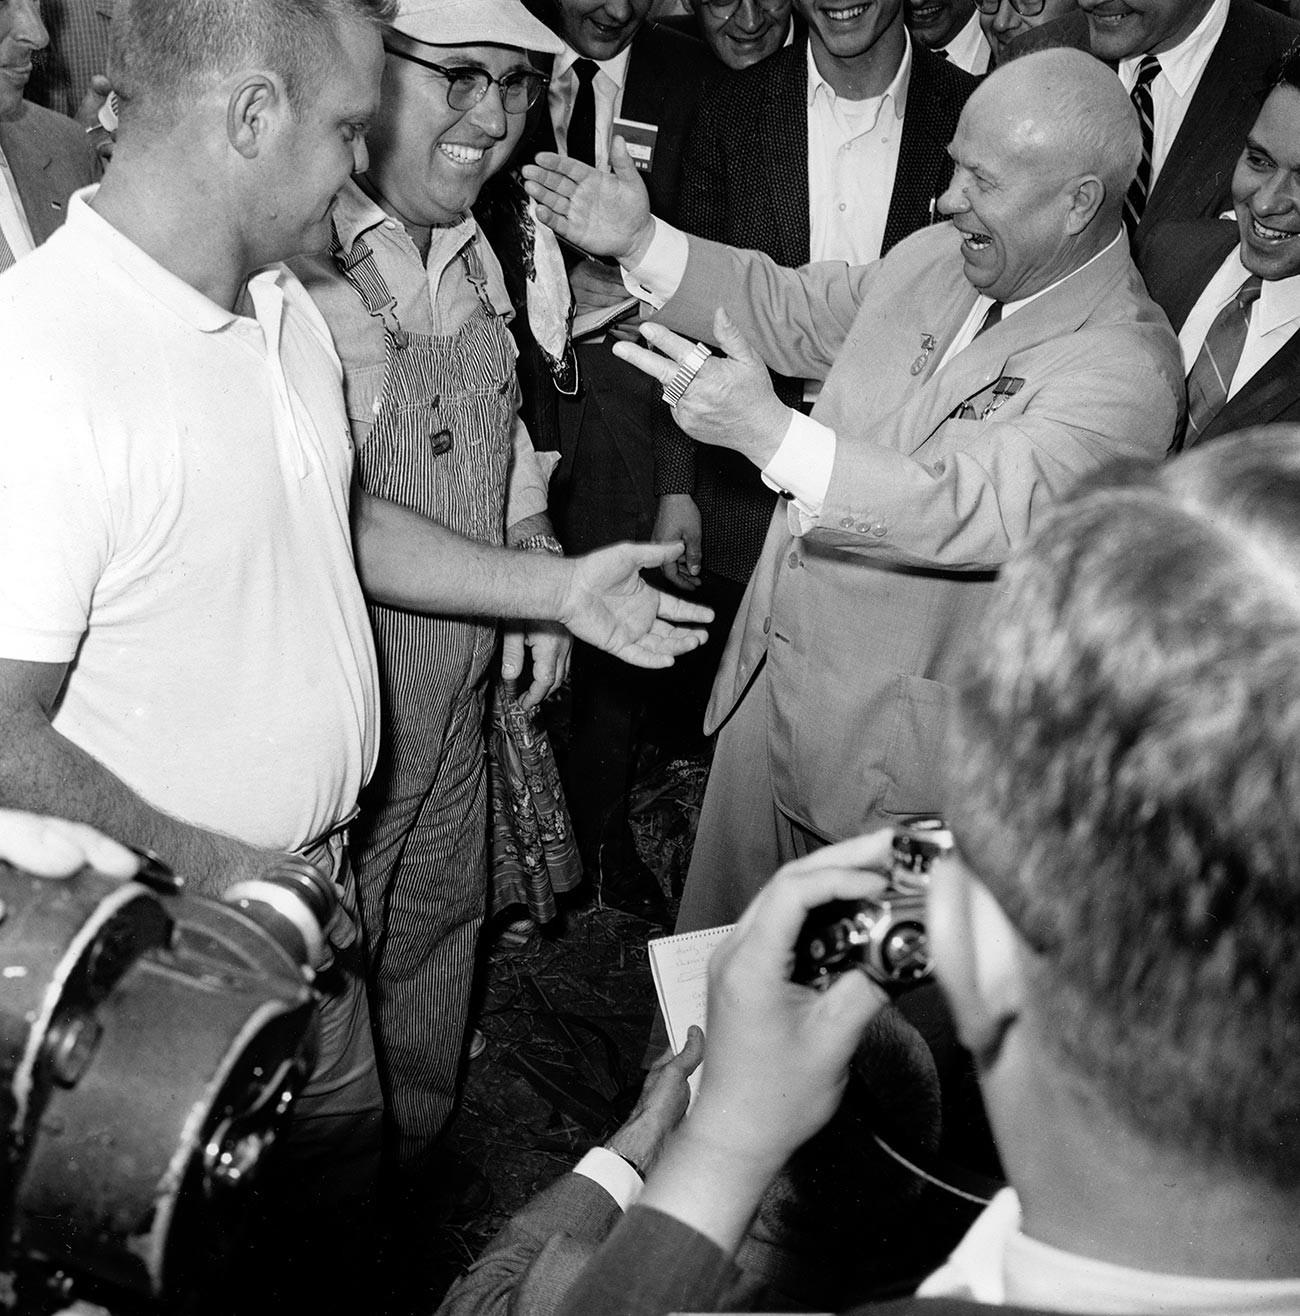 Совјетски лидер Никита Хрушчов током посете Америци збија шале са житељем Ајове на пријему који су организовали Совјети, Кун Рапидс, Ајова, САД.